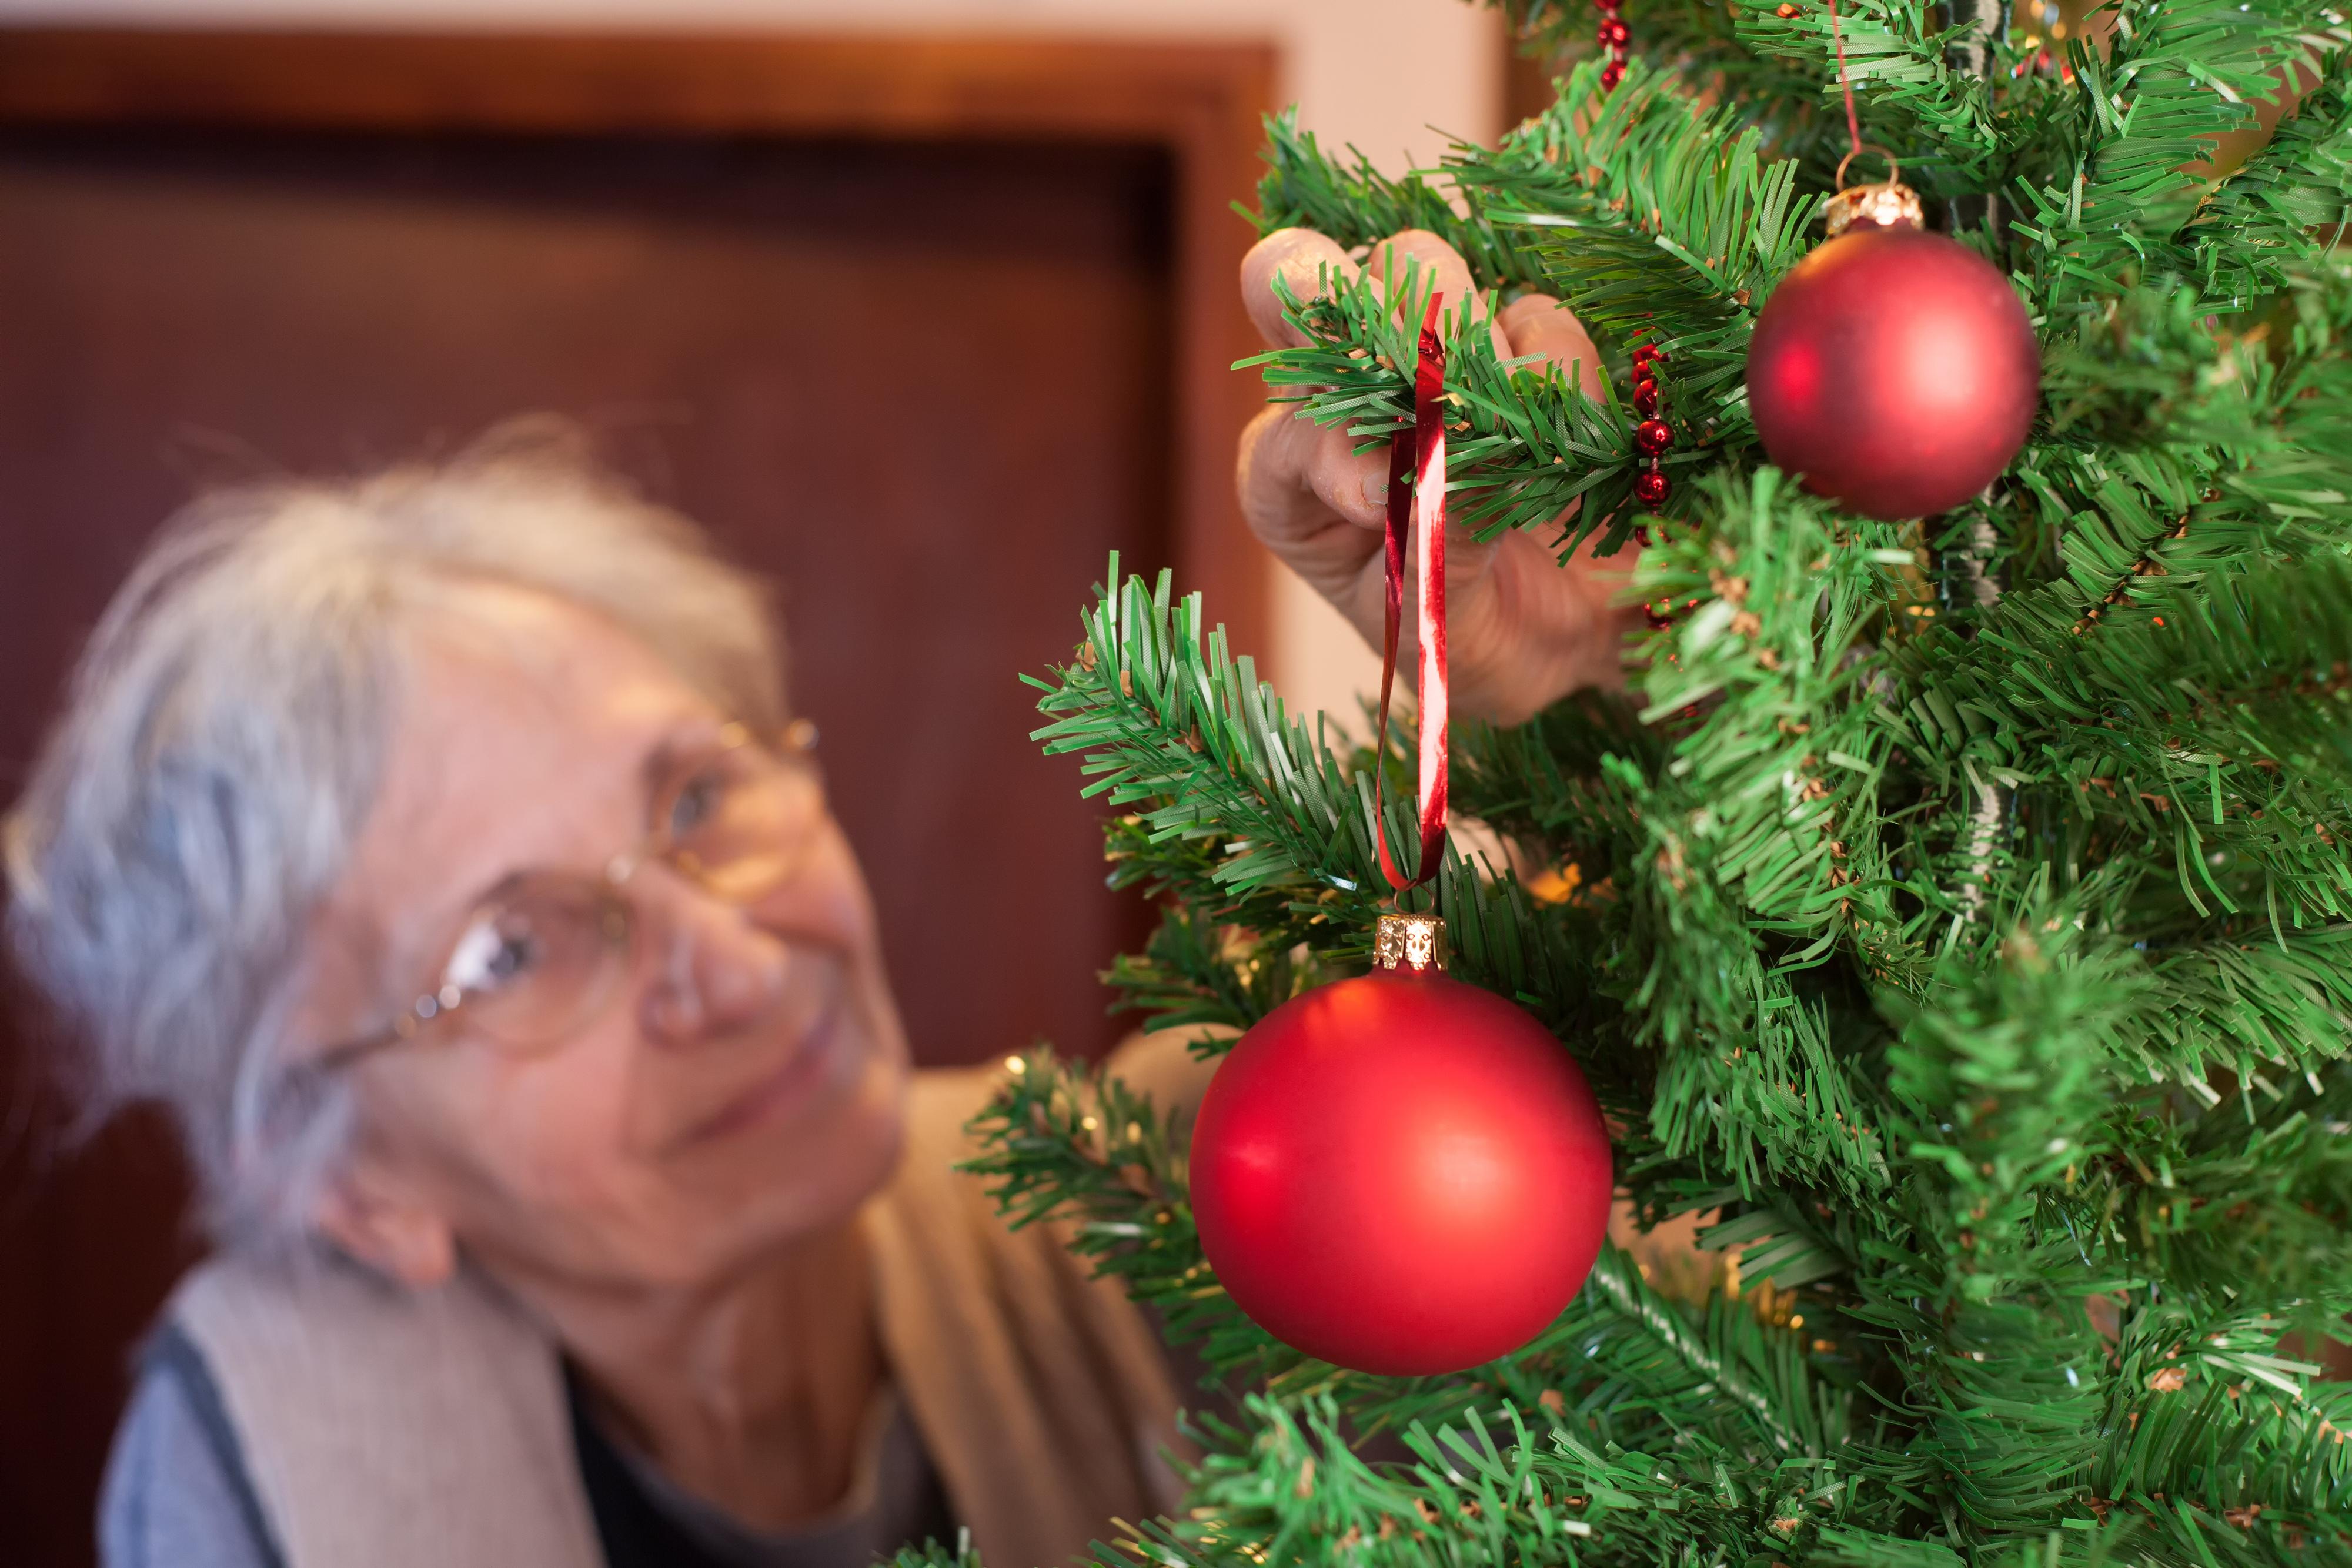 De som oftast drabbas av en hjärtinfarkt på julafton är de äldre, lite skörare individerna.